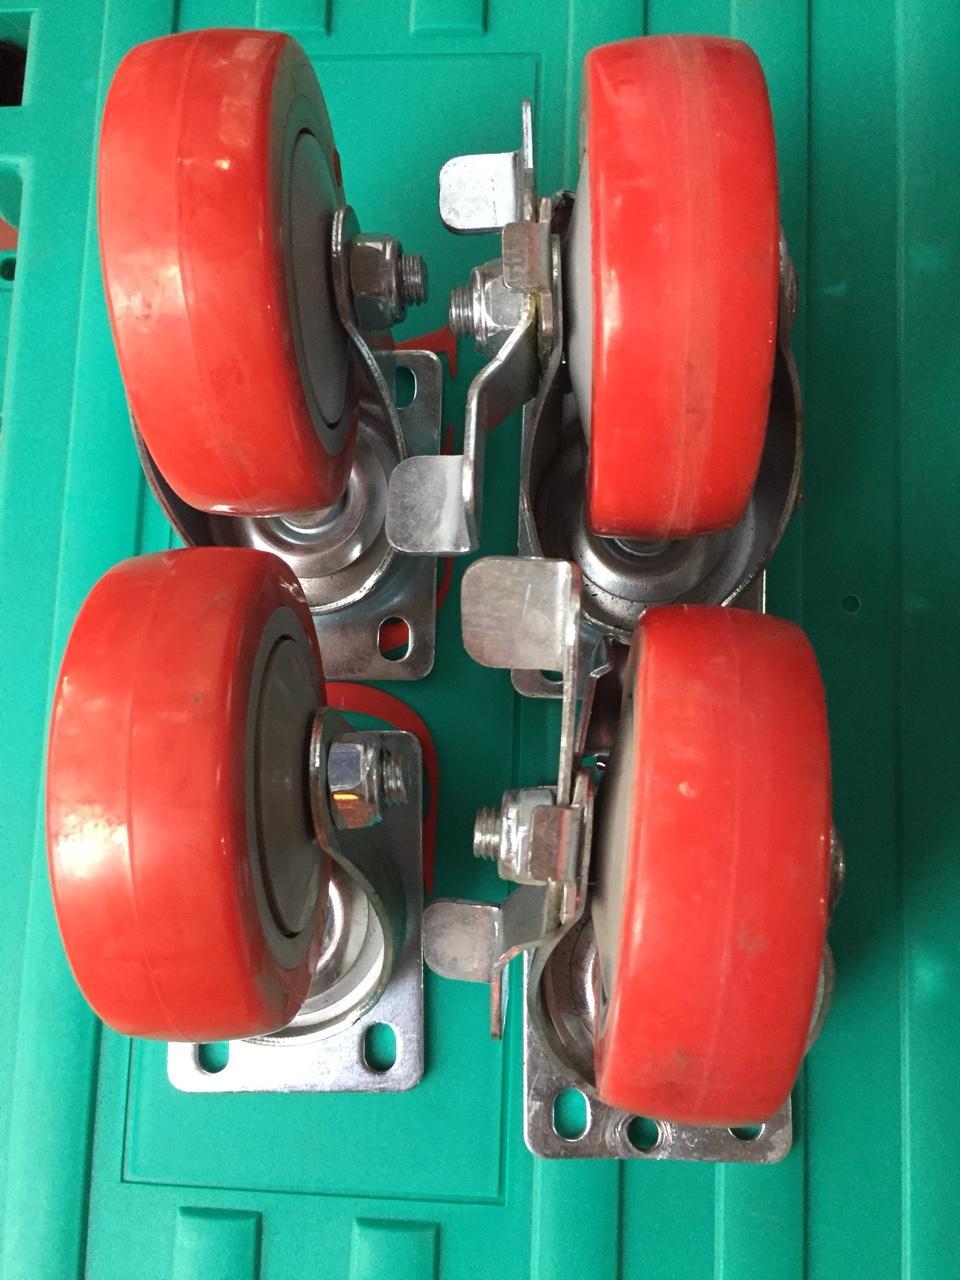 Bộ bánh xe đẩy hàng, bánh xe 4 bánh 100x32, bộ bánh xe chịu tải 300kg